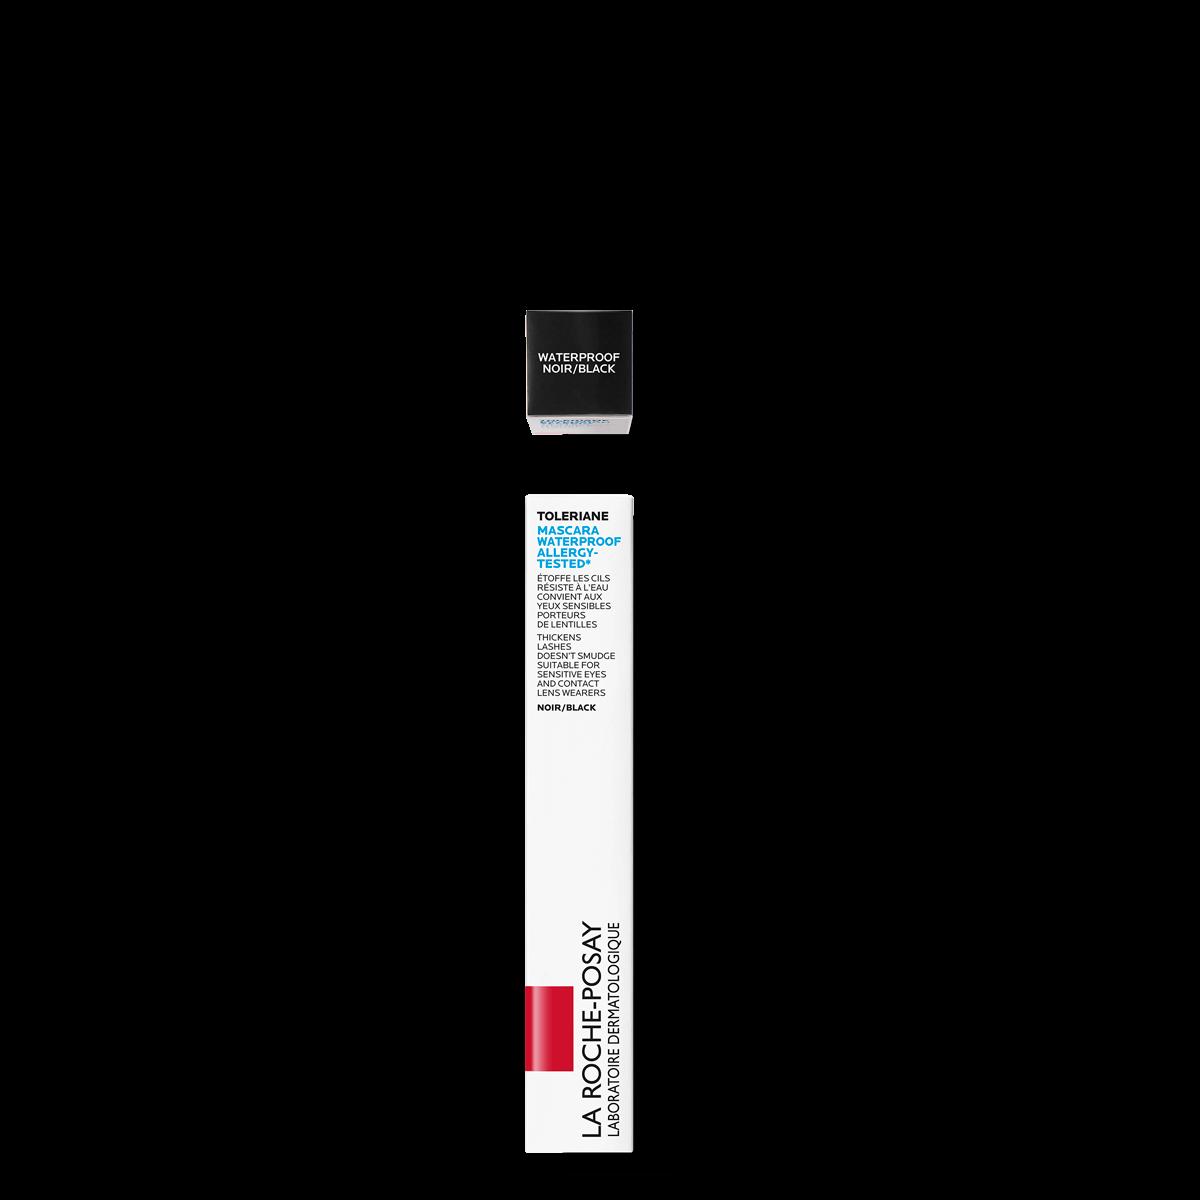 La Roche Posay Érzékeny Bőrre Toleriane Smink VÍZÁLLÓ SZEMPILLASPIRÁL Fekete 33